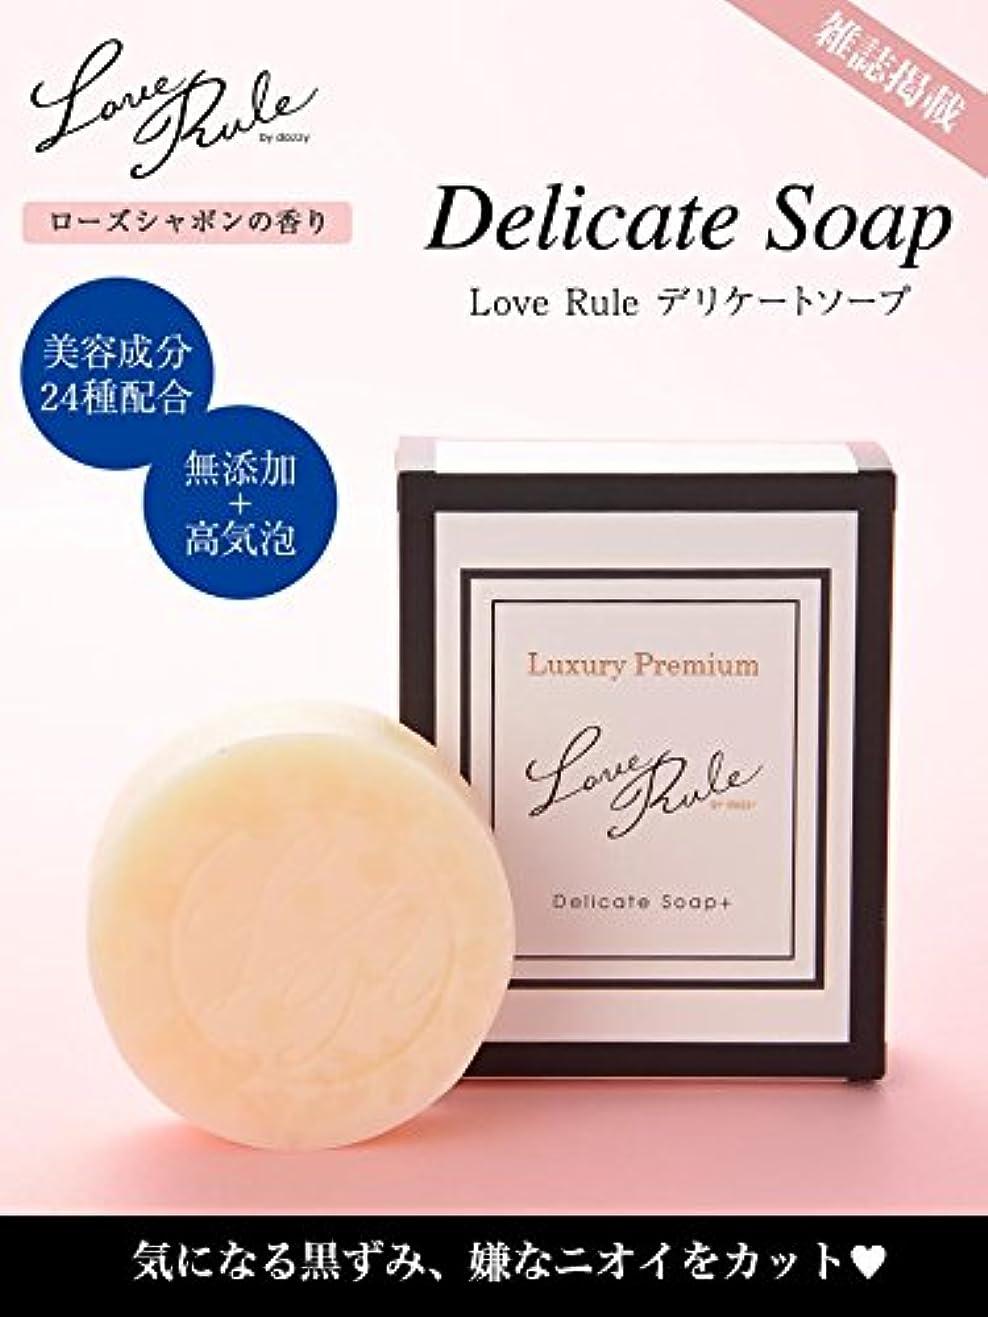 複雑でないうま捕虜Love Rule デリケートゾーン ソープ プラス 美容成分24種配合 石鹸